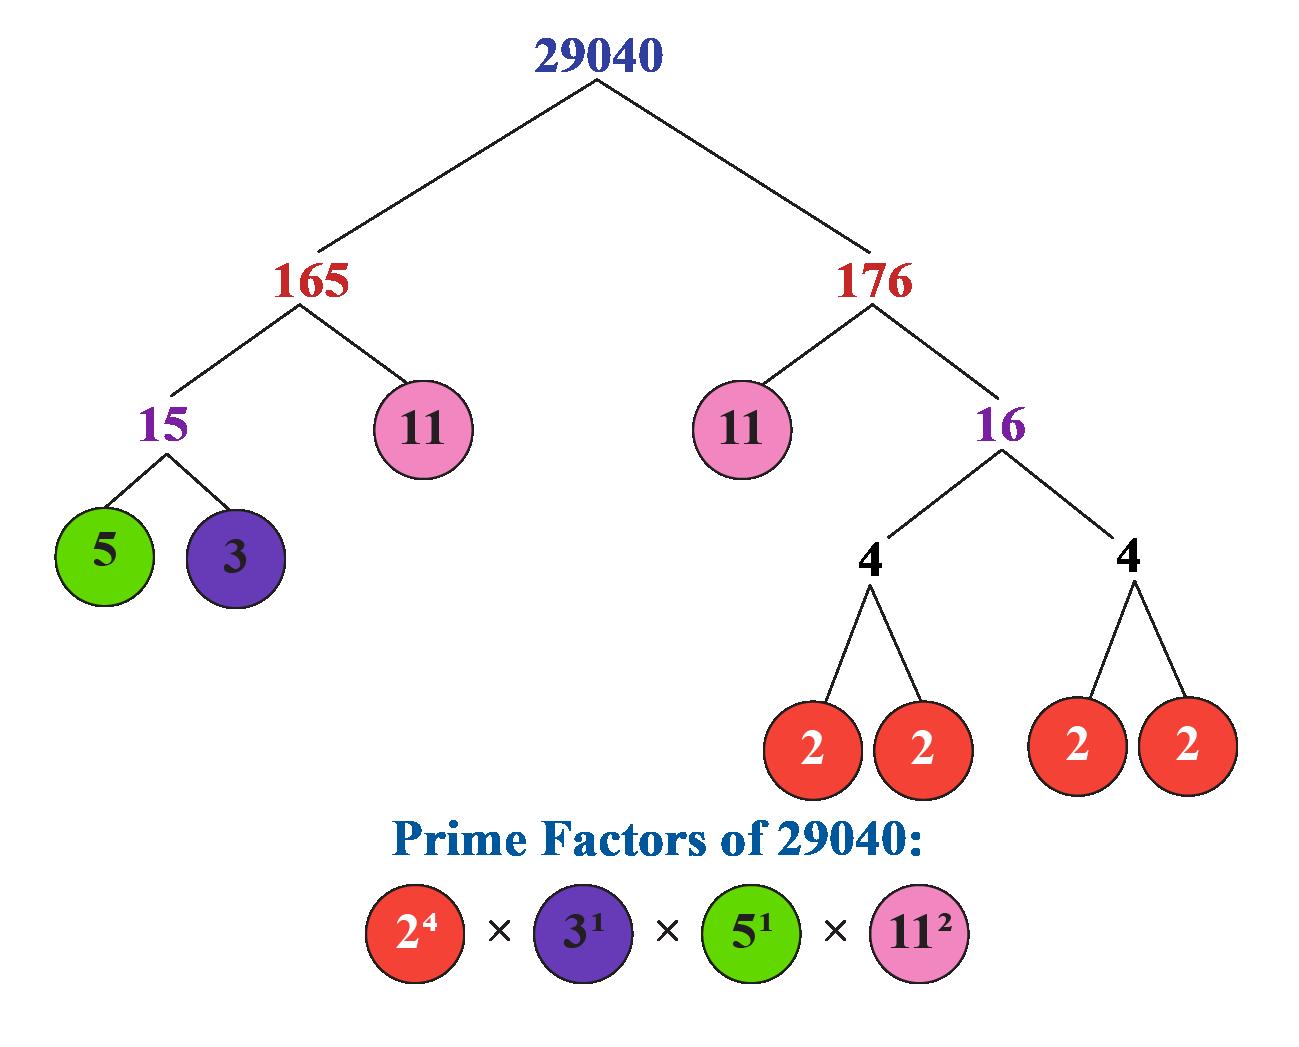 prime factorisation of 29040